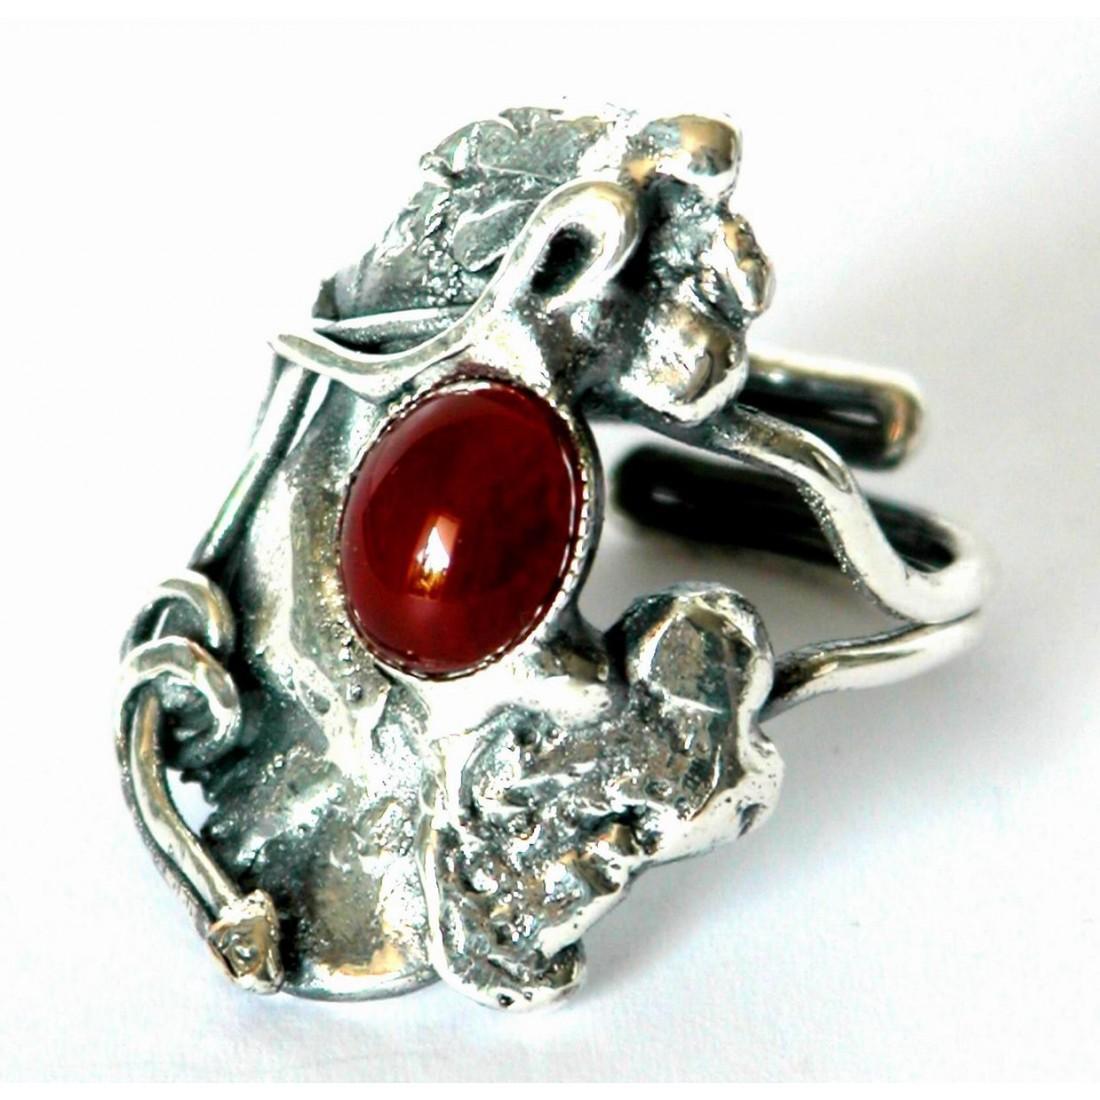 Bague de créateur-bijoux artisanaux made in France